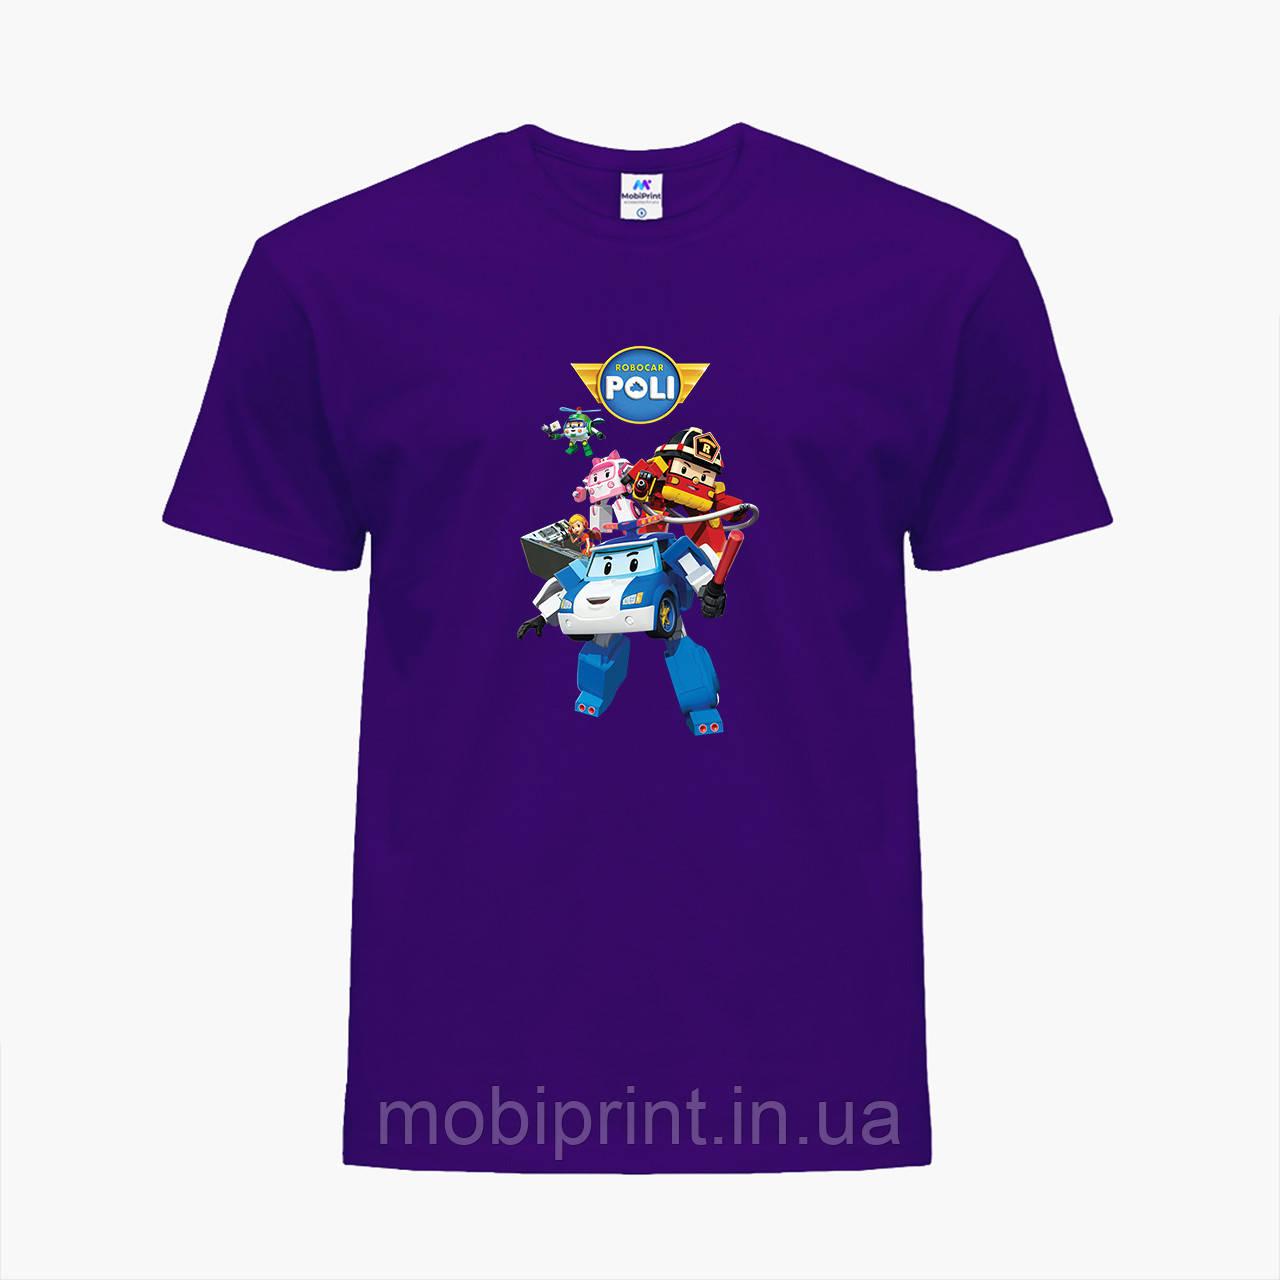 Детская футболка для девочек Робокар Поли (Robocar Poli) (25186-1619) Фиолетовый